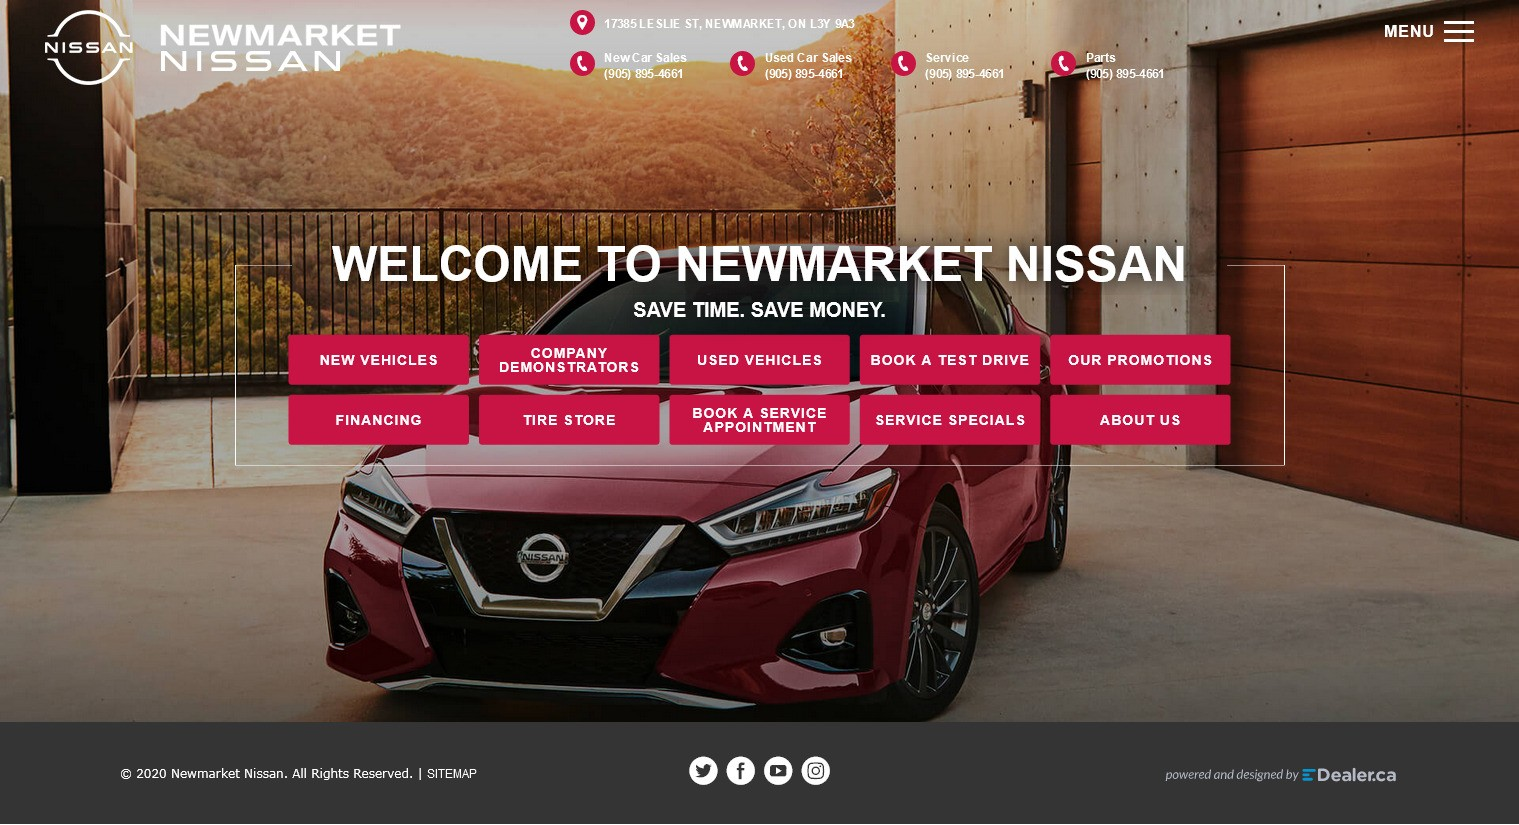 Newmarket Nissan